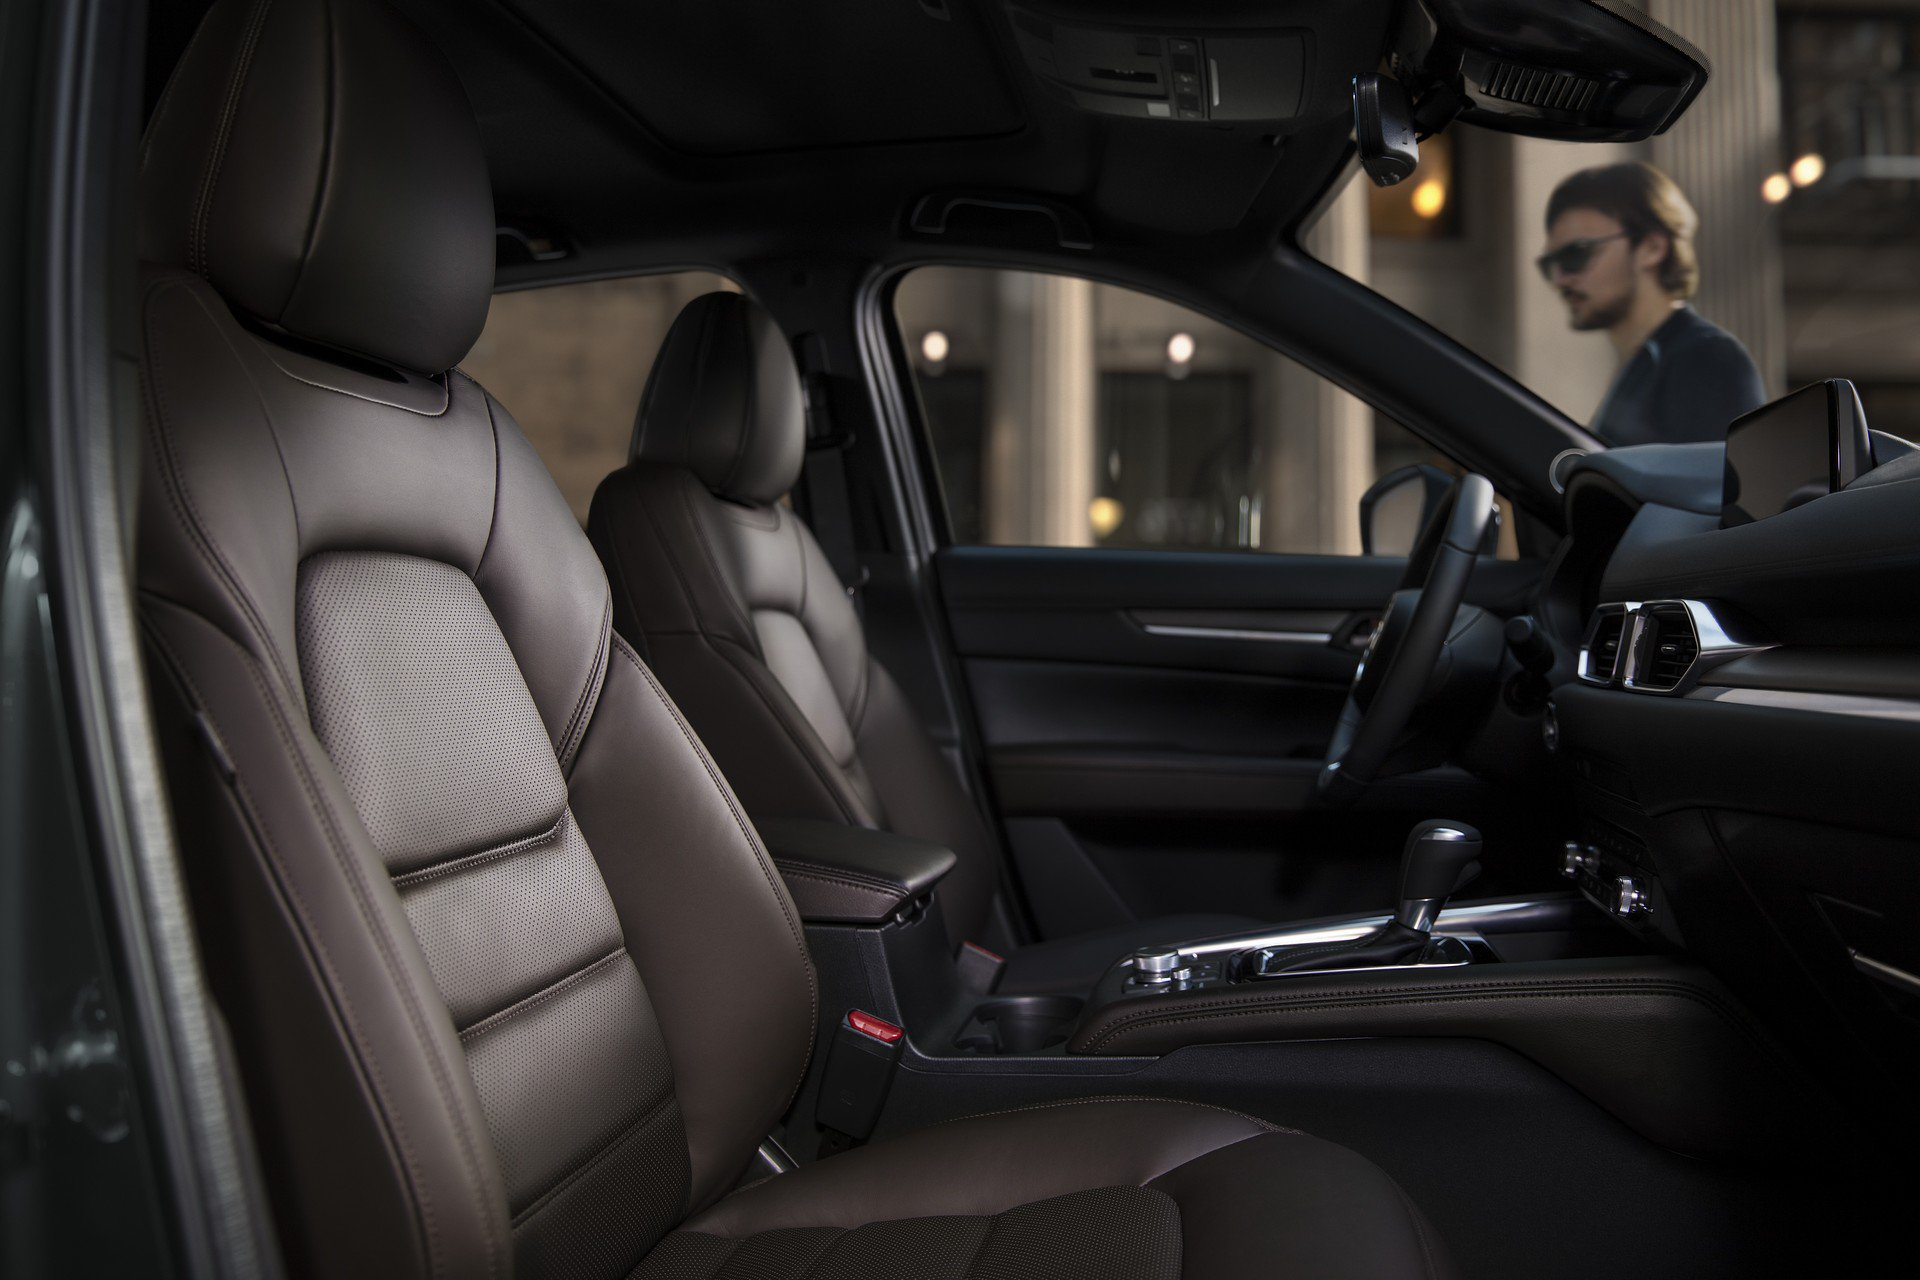 مزداCX- 5  2019، نرم و قدرتمندتر از همیشه/ این خودرو اعتماد به نفس راننده را در حرکت افزایش میدهد